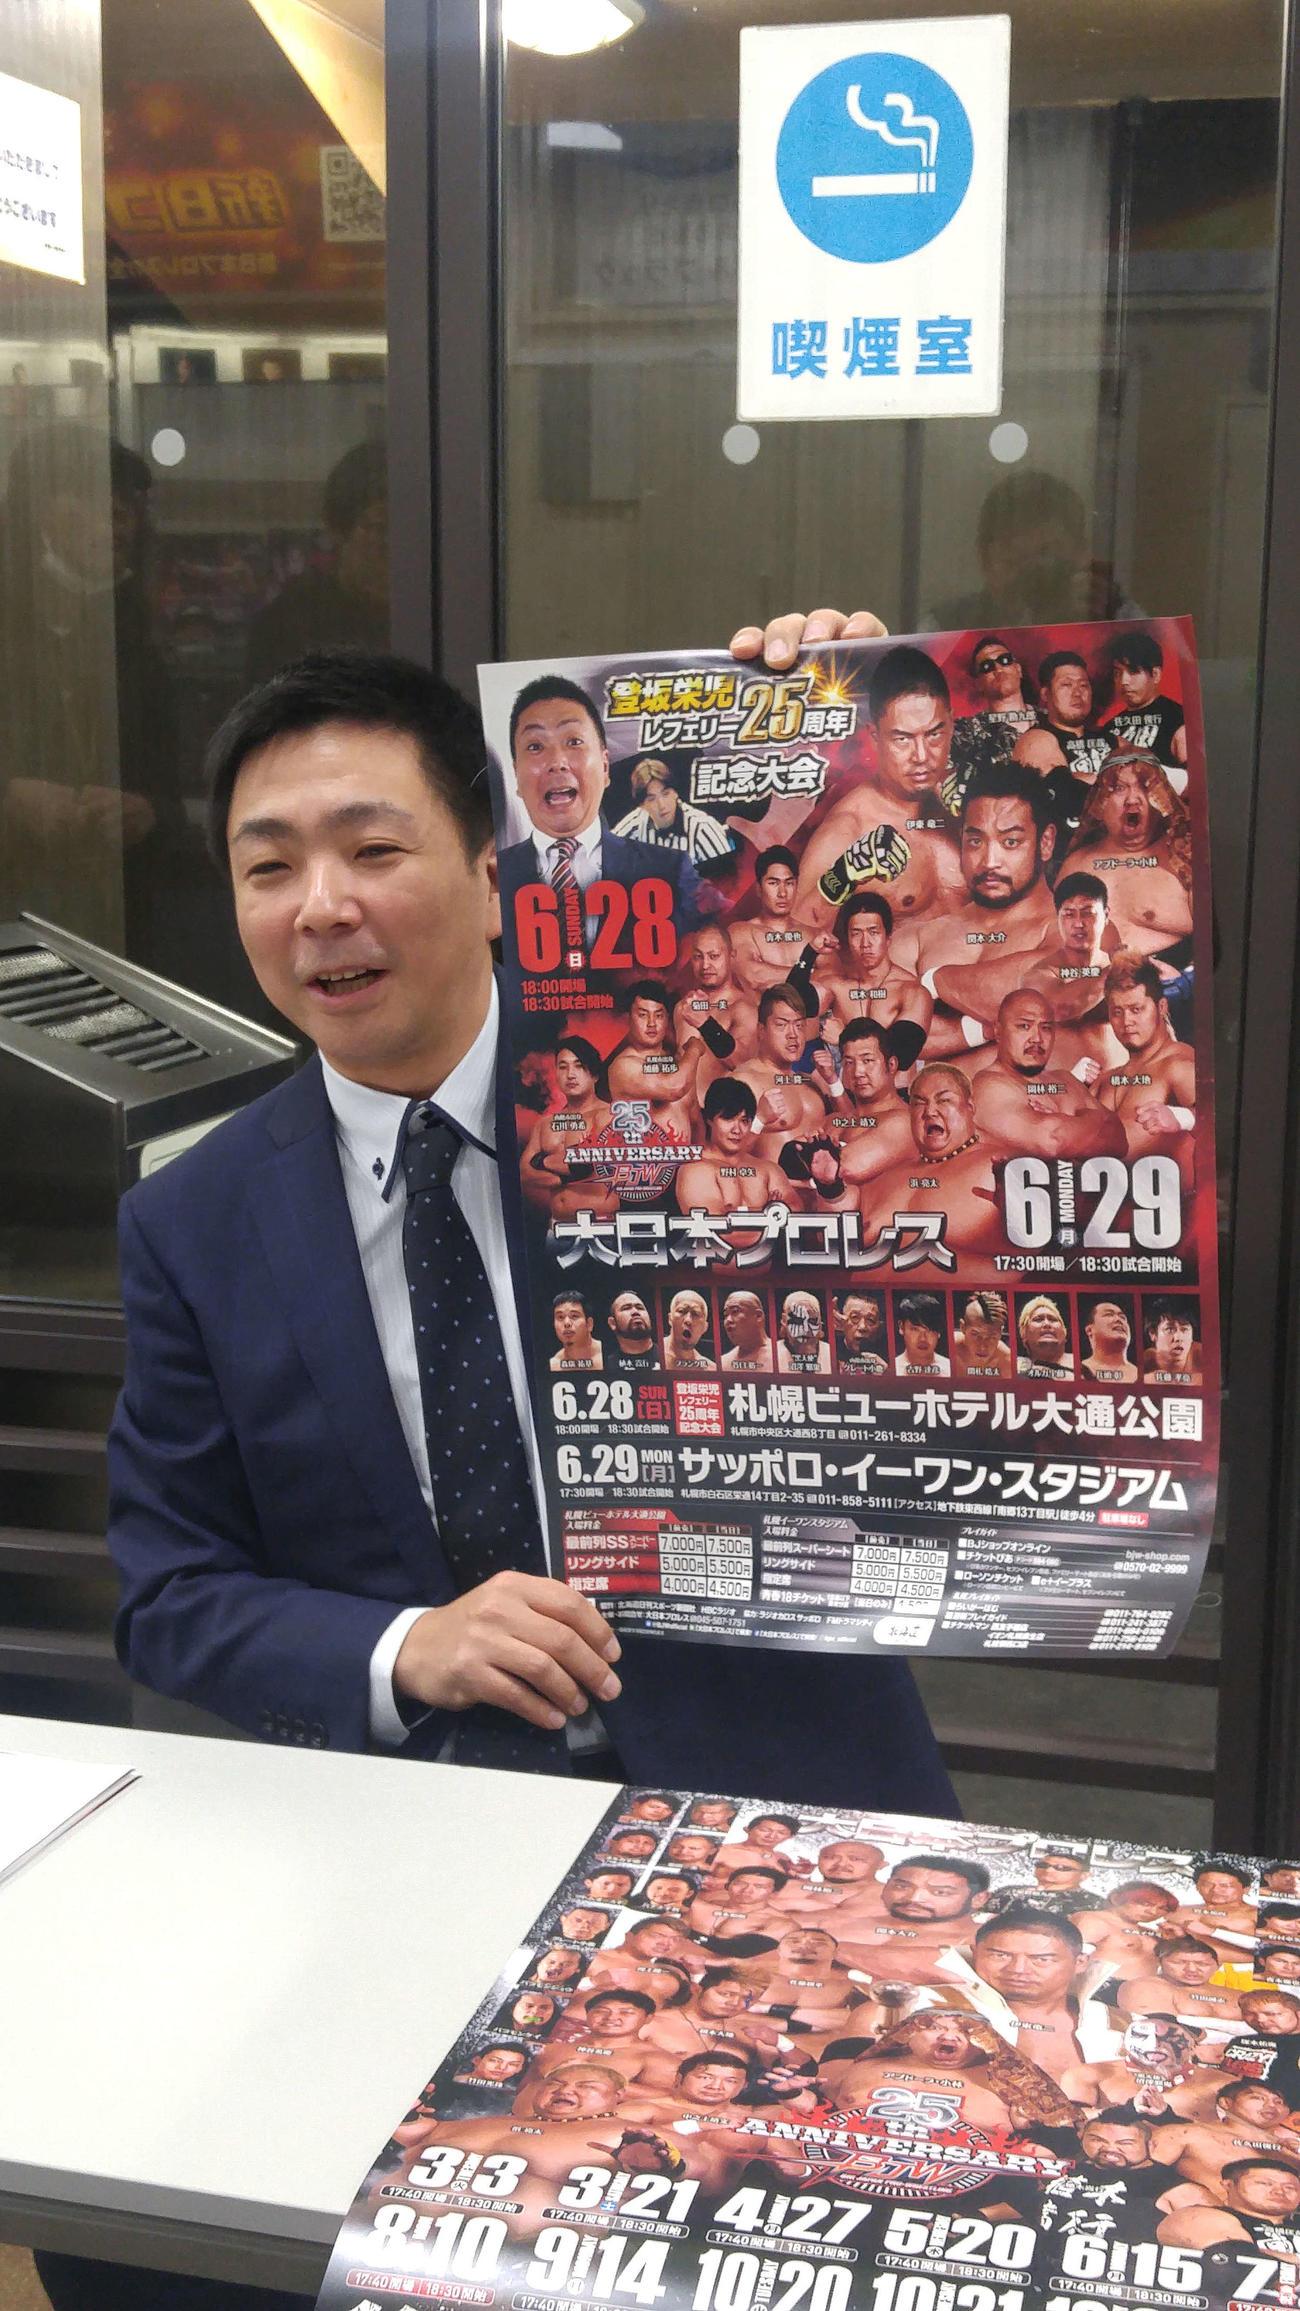 会見でトラックの募金実施について語った大日本プロレス登坂栄児社長